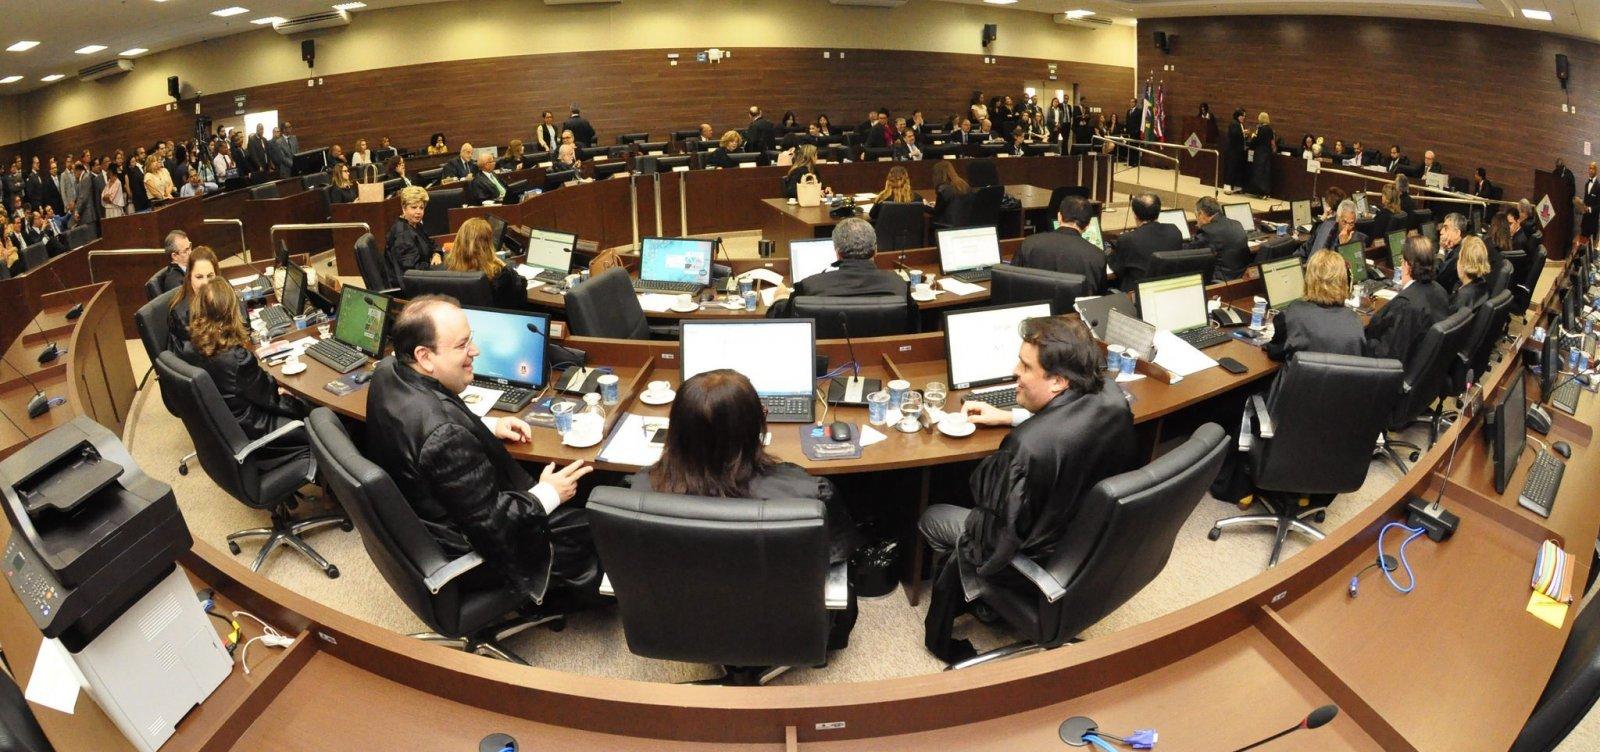 Quinto Constitucional: 20 advogados disputam vaga de desembargador